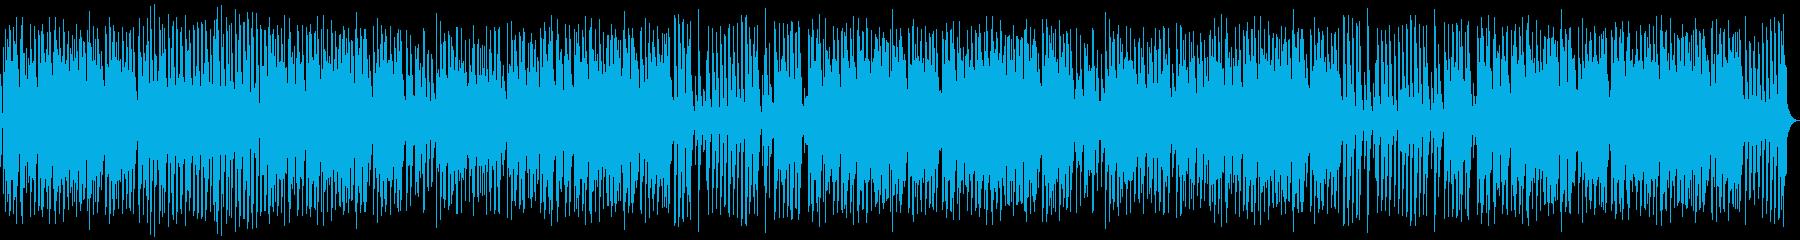 ウォーキング、ベース、ピアノ、ギタ...の再生済みの波形